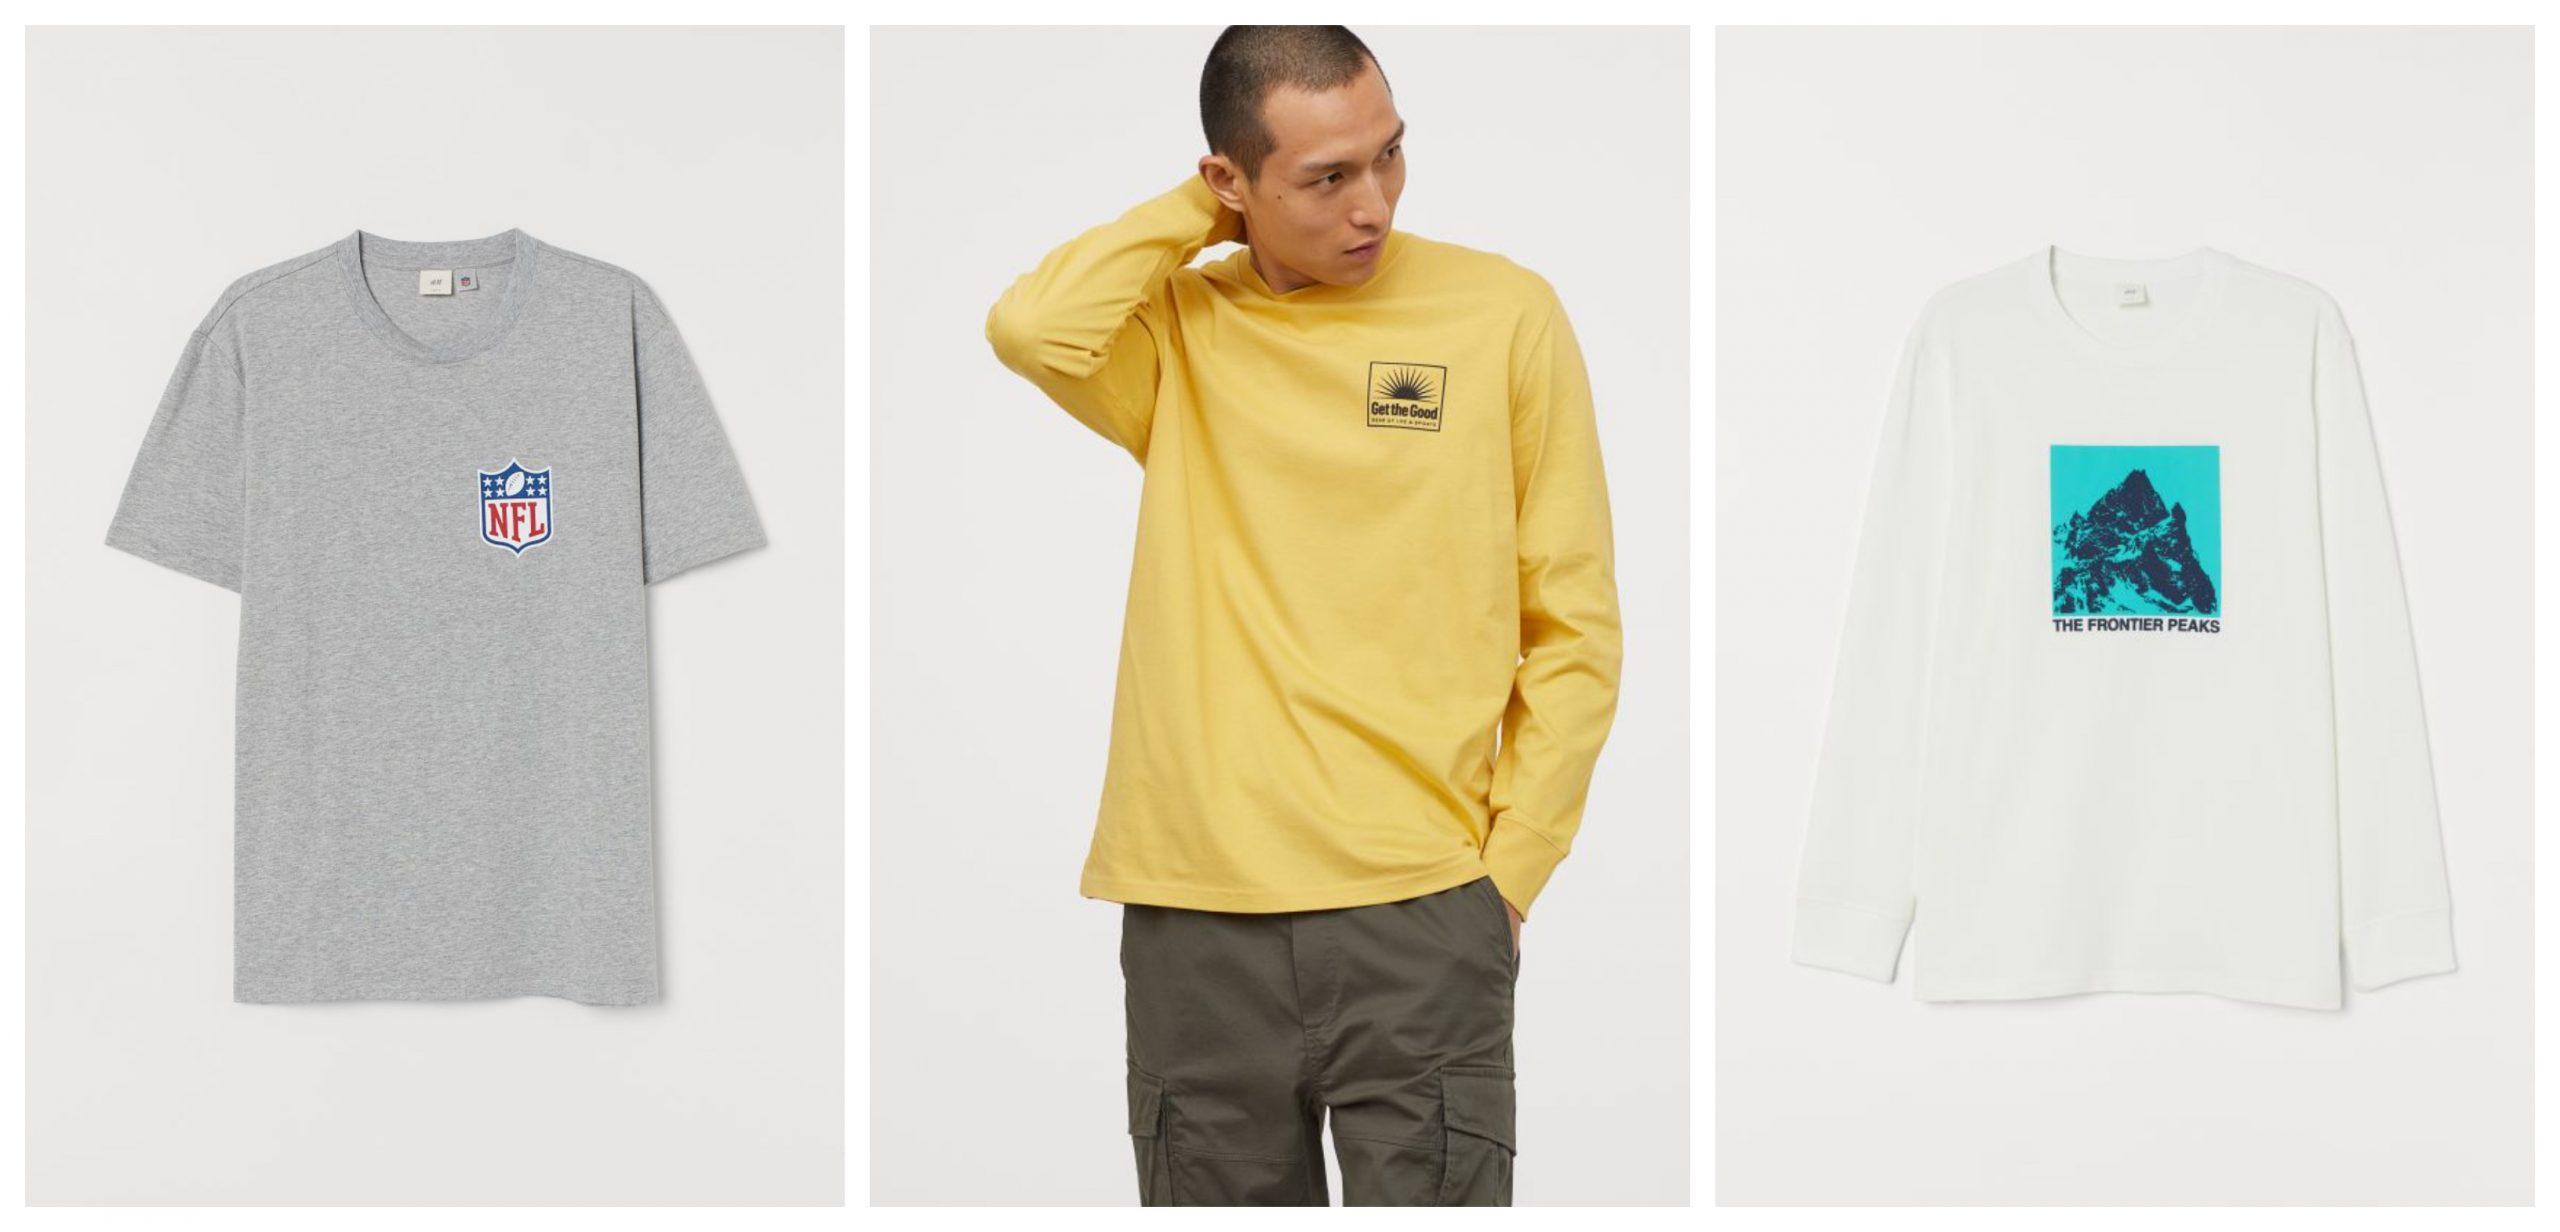 3 camisetas con motivos estampados de H&M rebajadas.